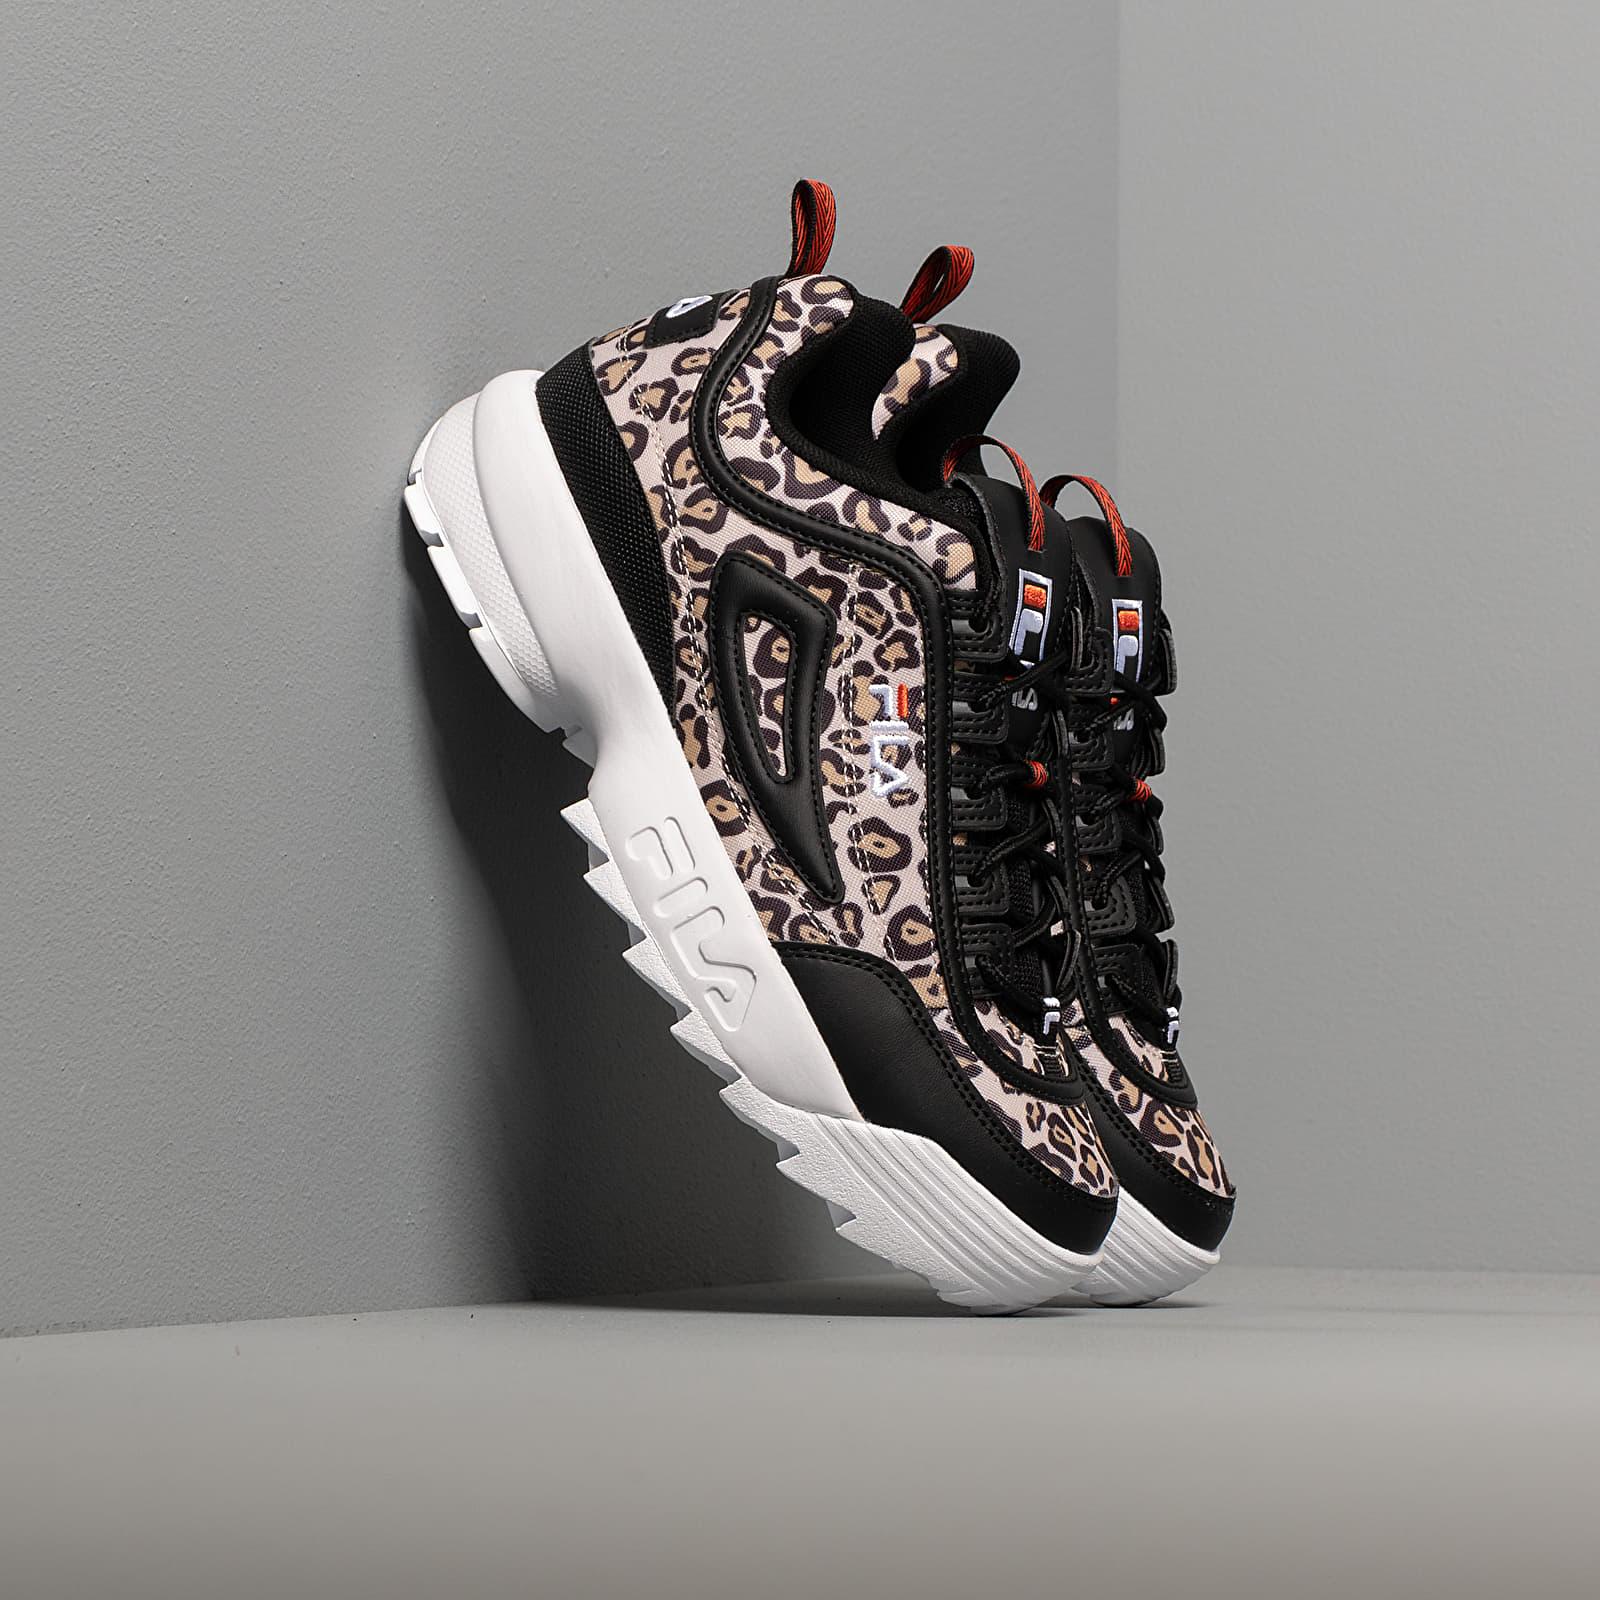 Dámske topánky a tenisky Fila Disruptor Animal WMN Leopard/ Black